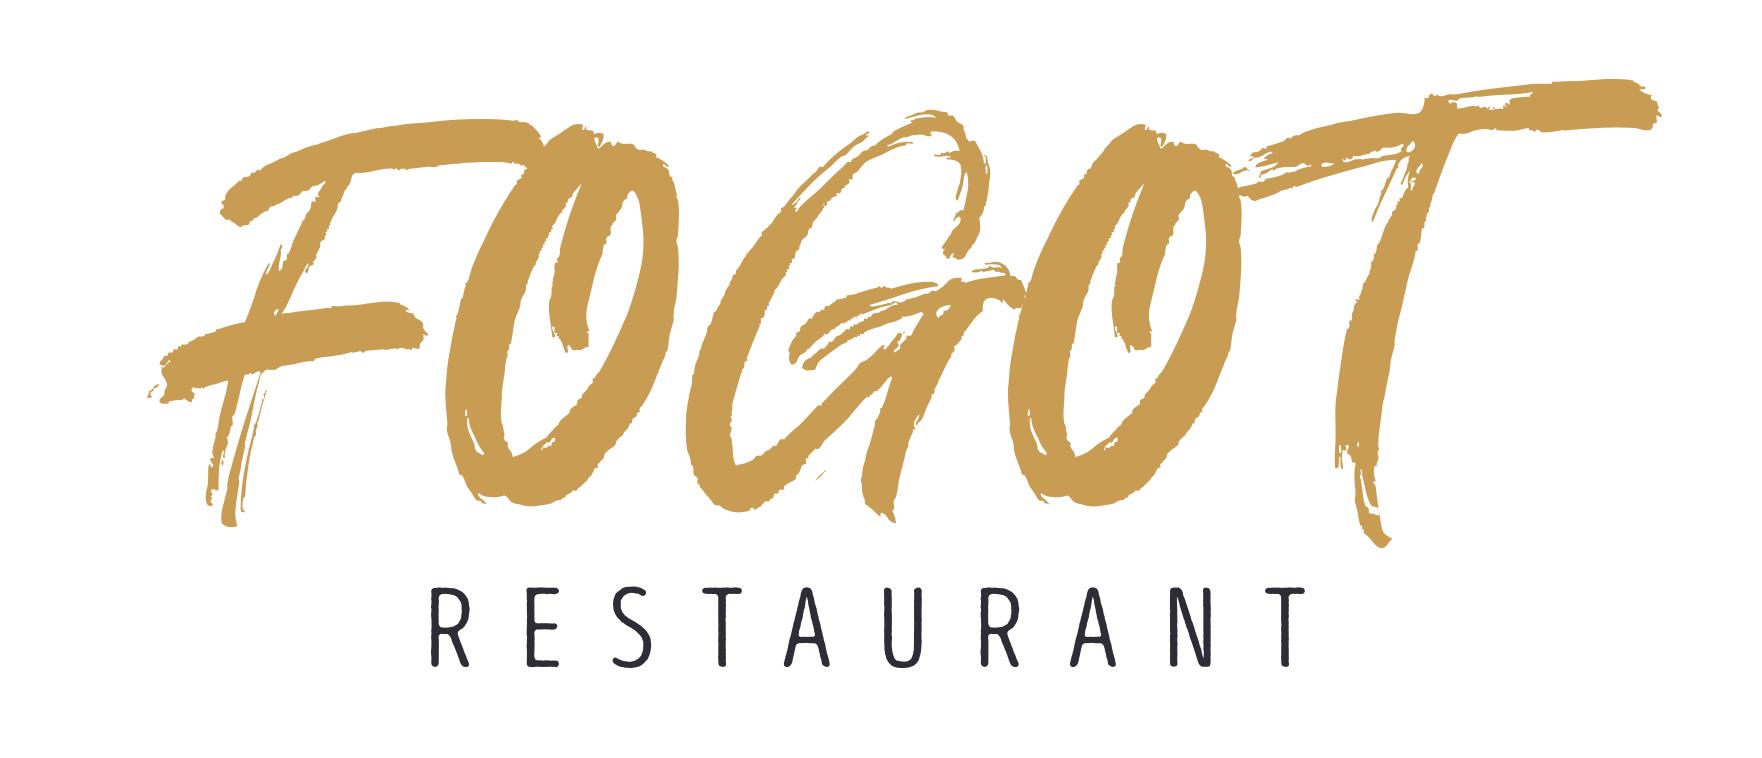 Fogot Restaurant